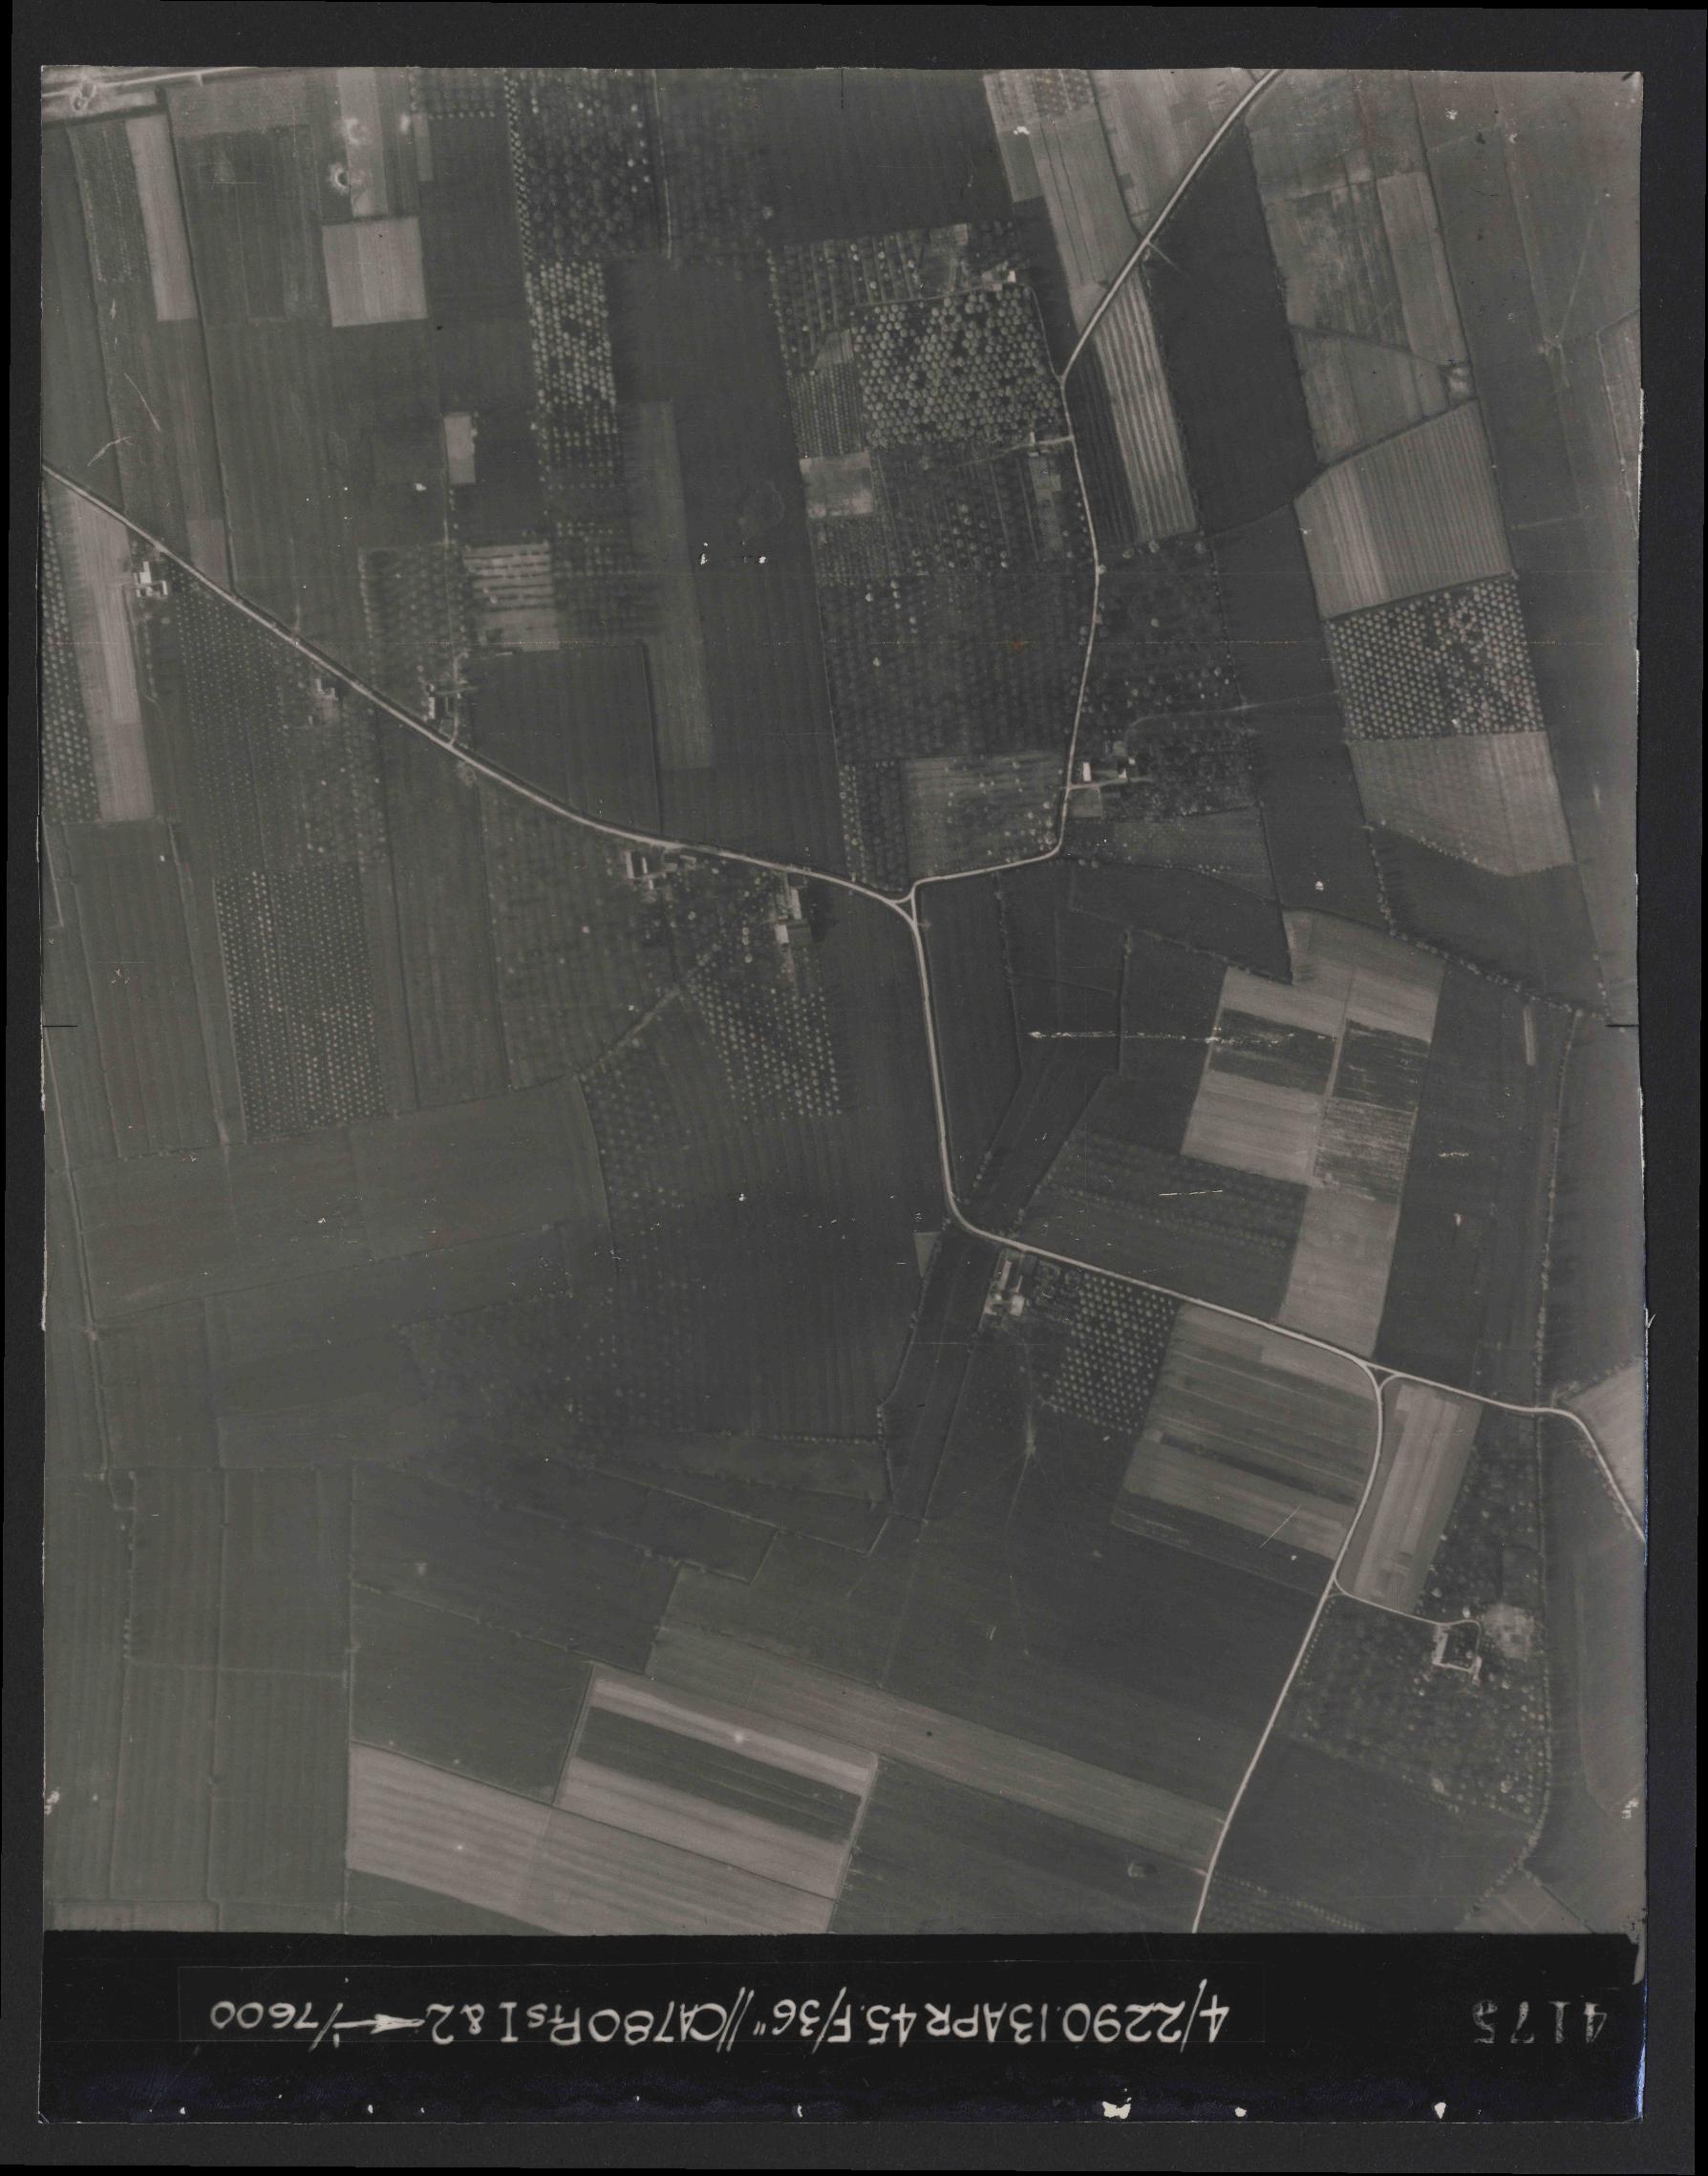 Collection RAF aerial photos 1940-1945 - flight 081, run 18, photo 4175